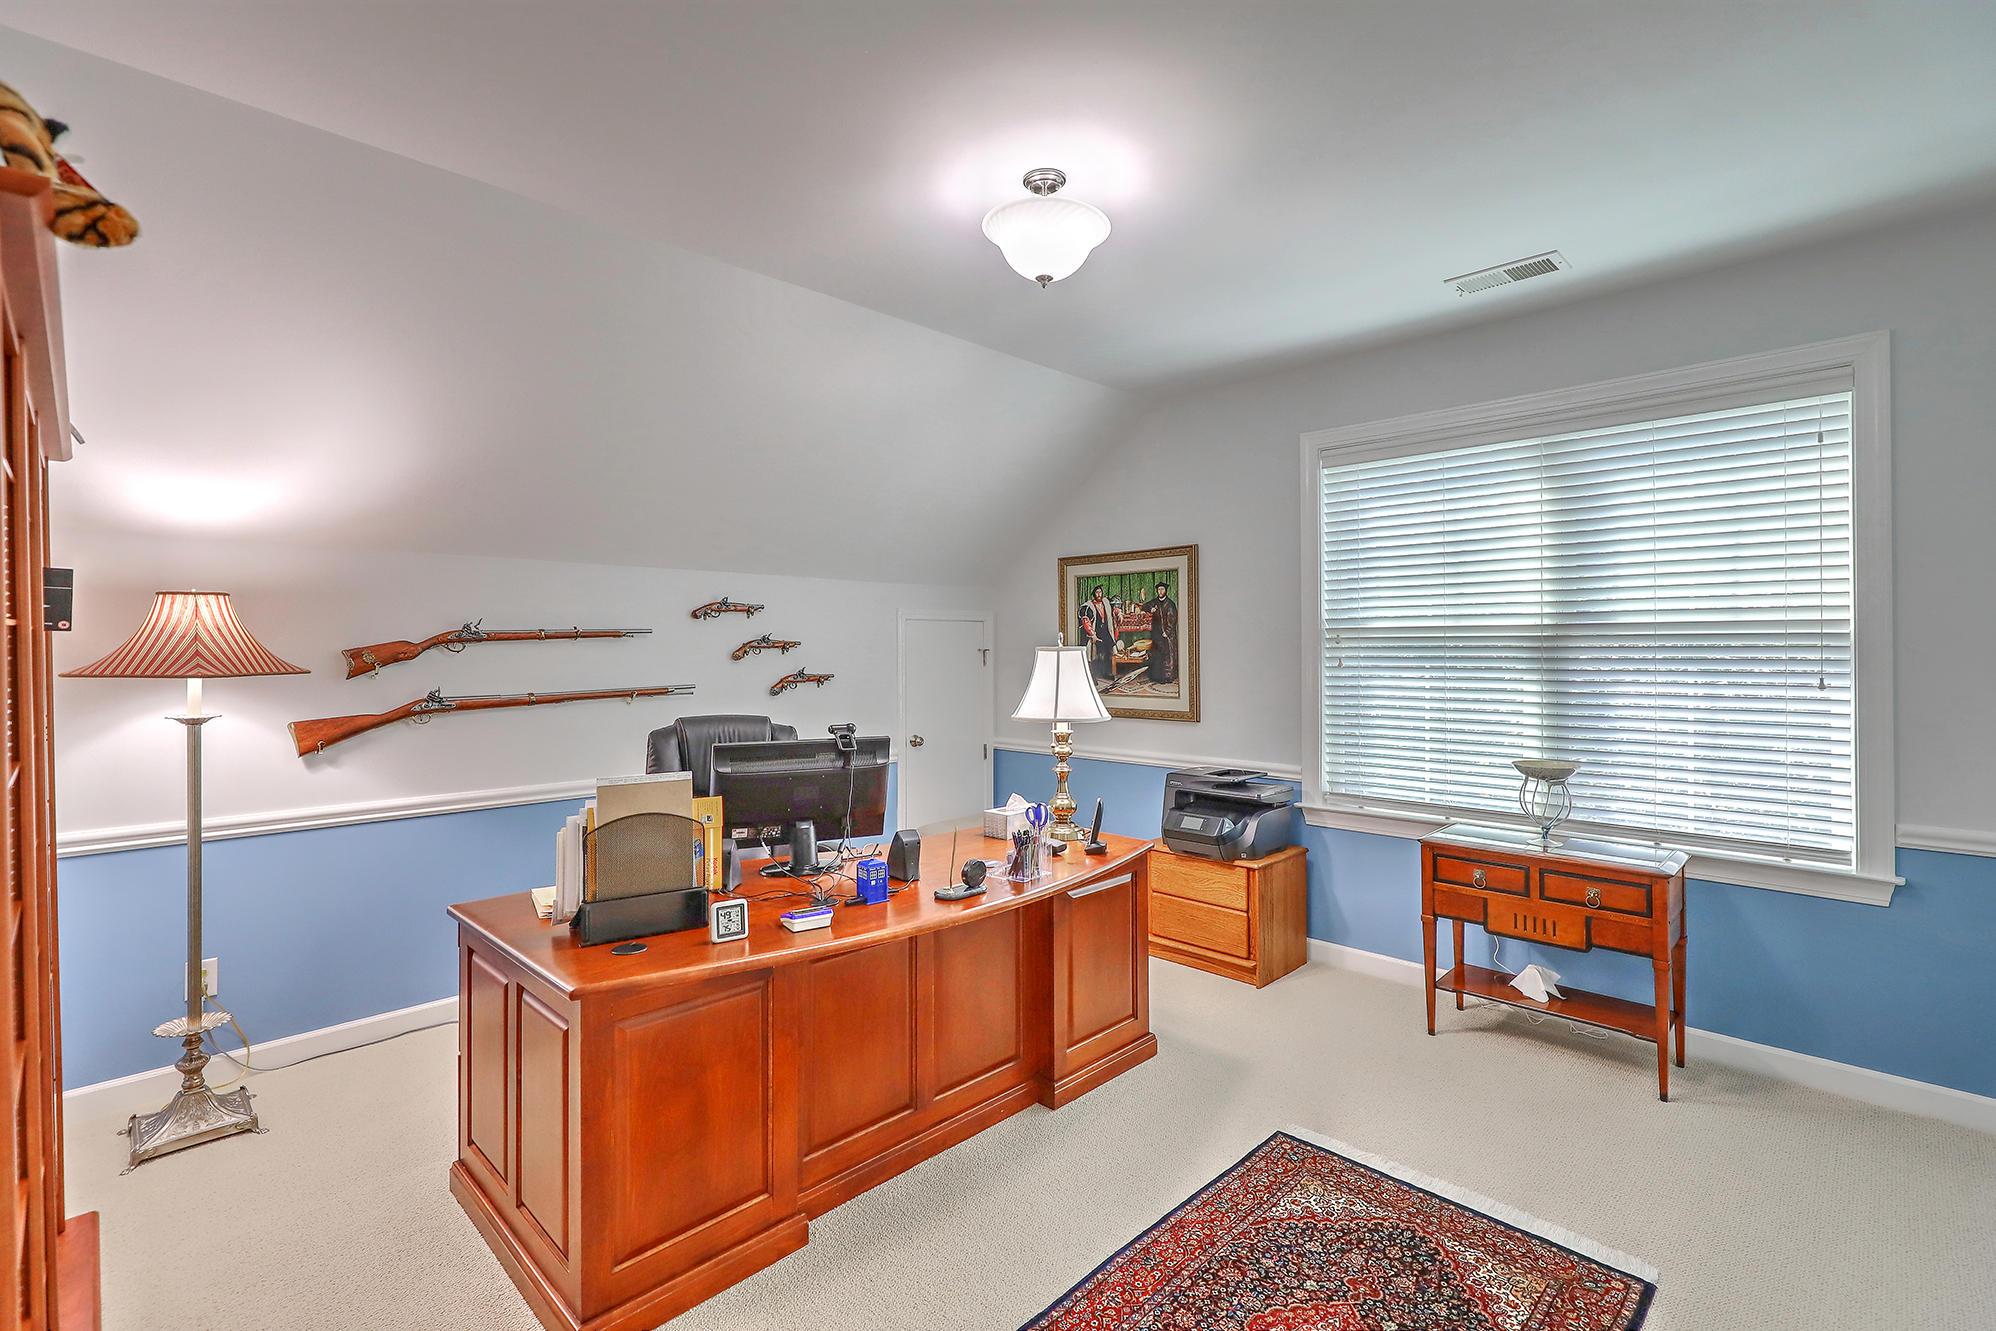 Park West Homes For Sale - 2108 Malcolm, Mount Pleasant, SC - 8